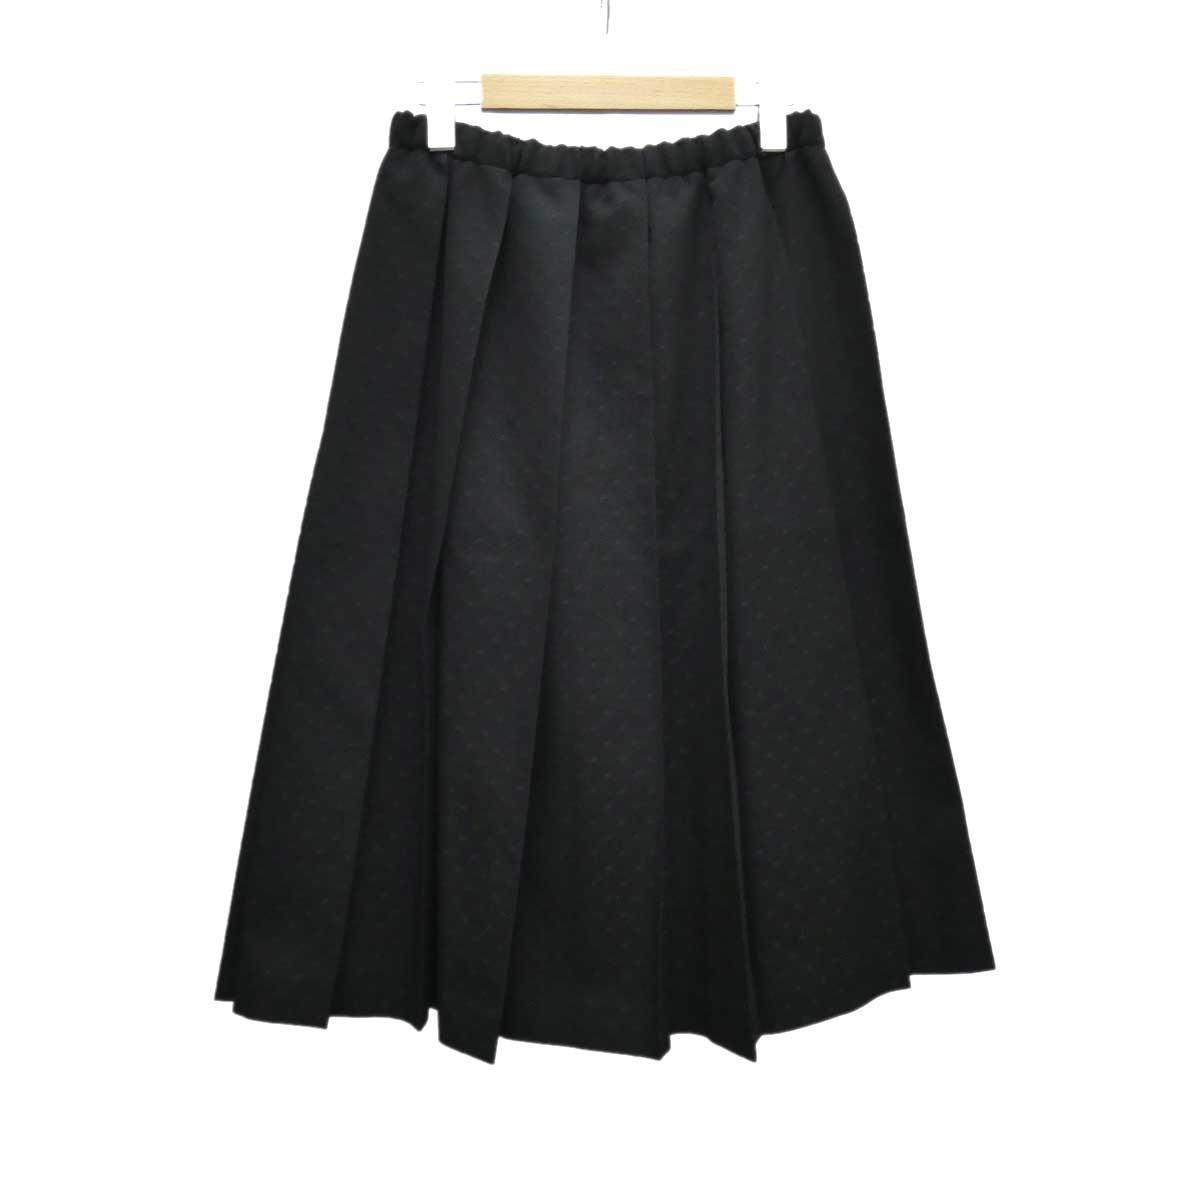 【中古】tricot COMME des GARCONS ドット柄プリーツスカート ブラック サイズ:- 【030420】(トリココムデギャルソン)